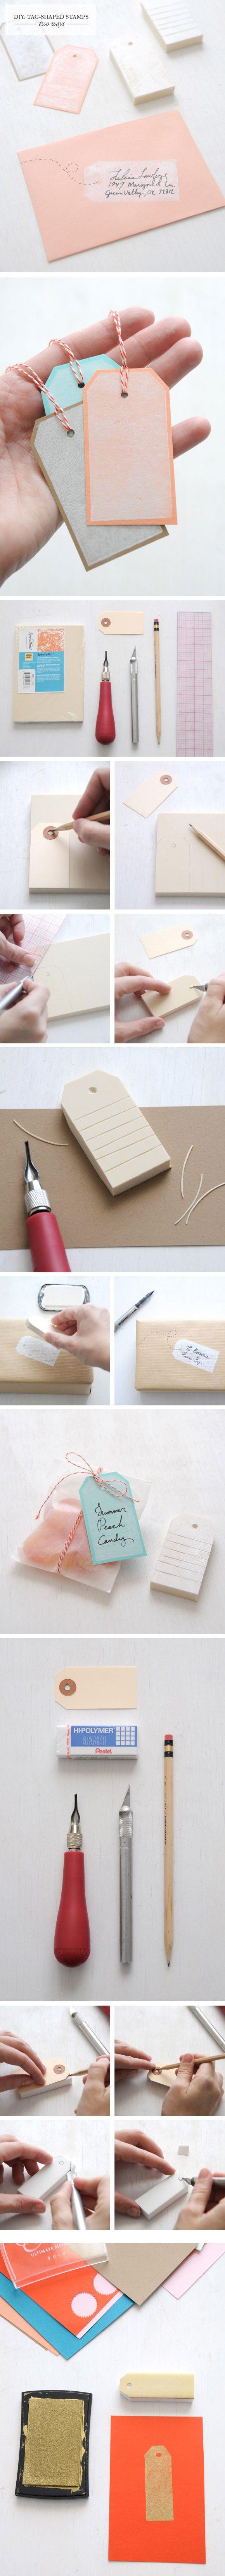 Cómo hacer sellos con forma de etiqueta